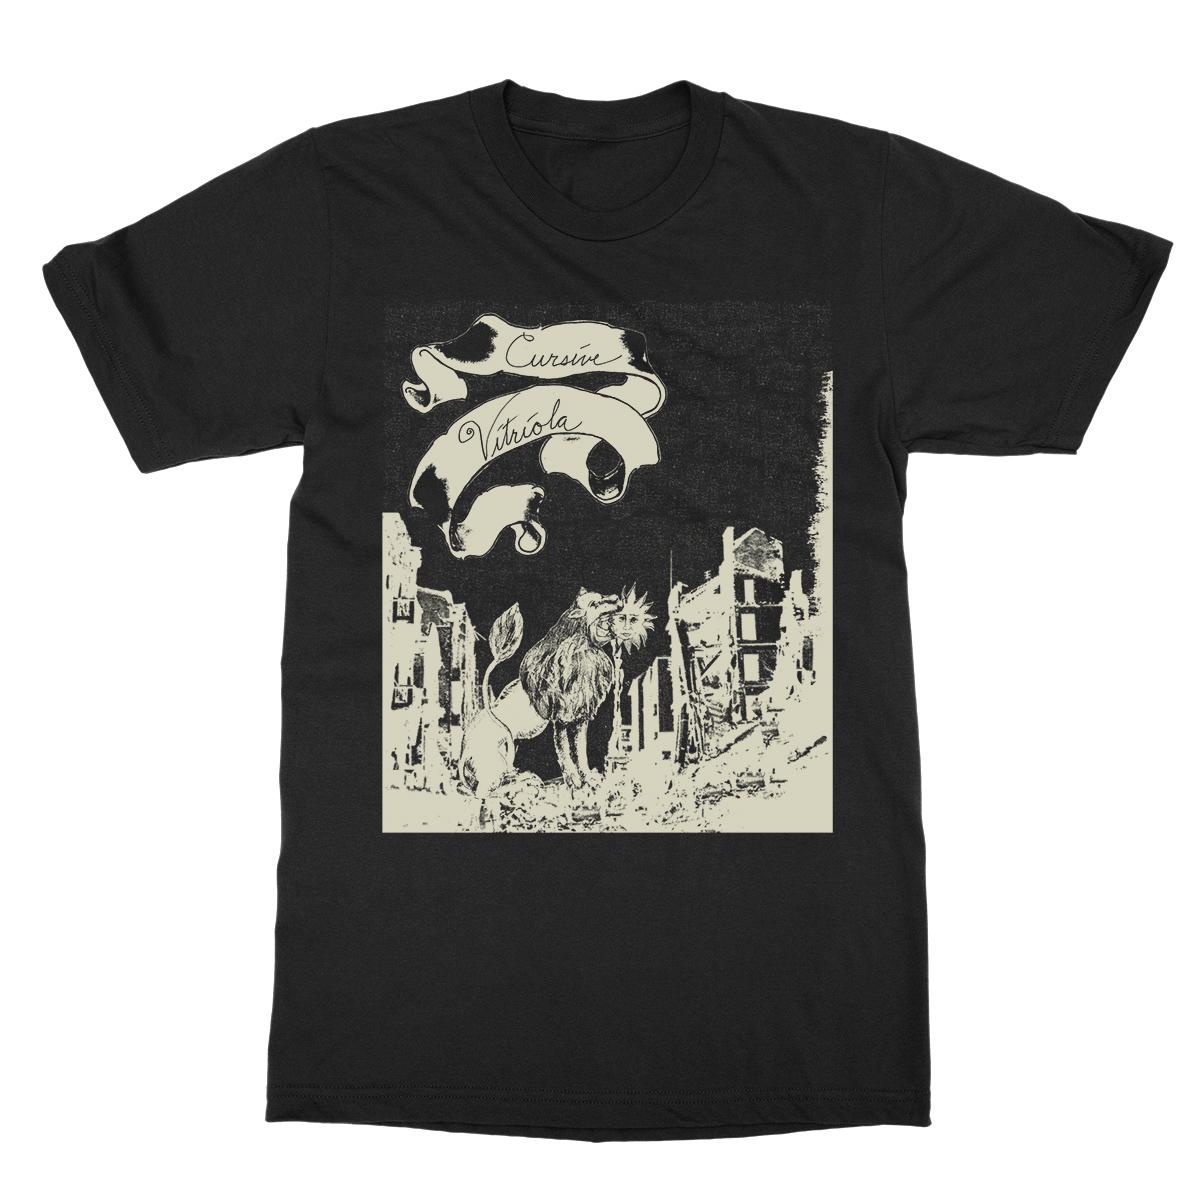 Vitriola T-shirt - Cursive